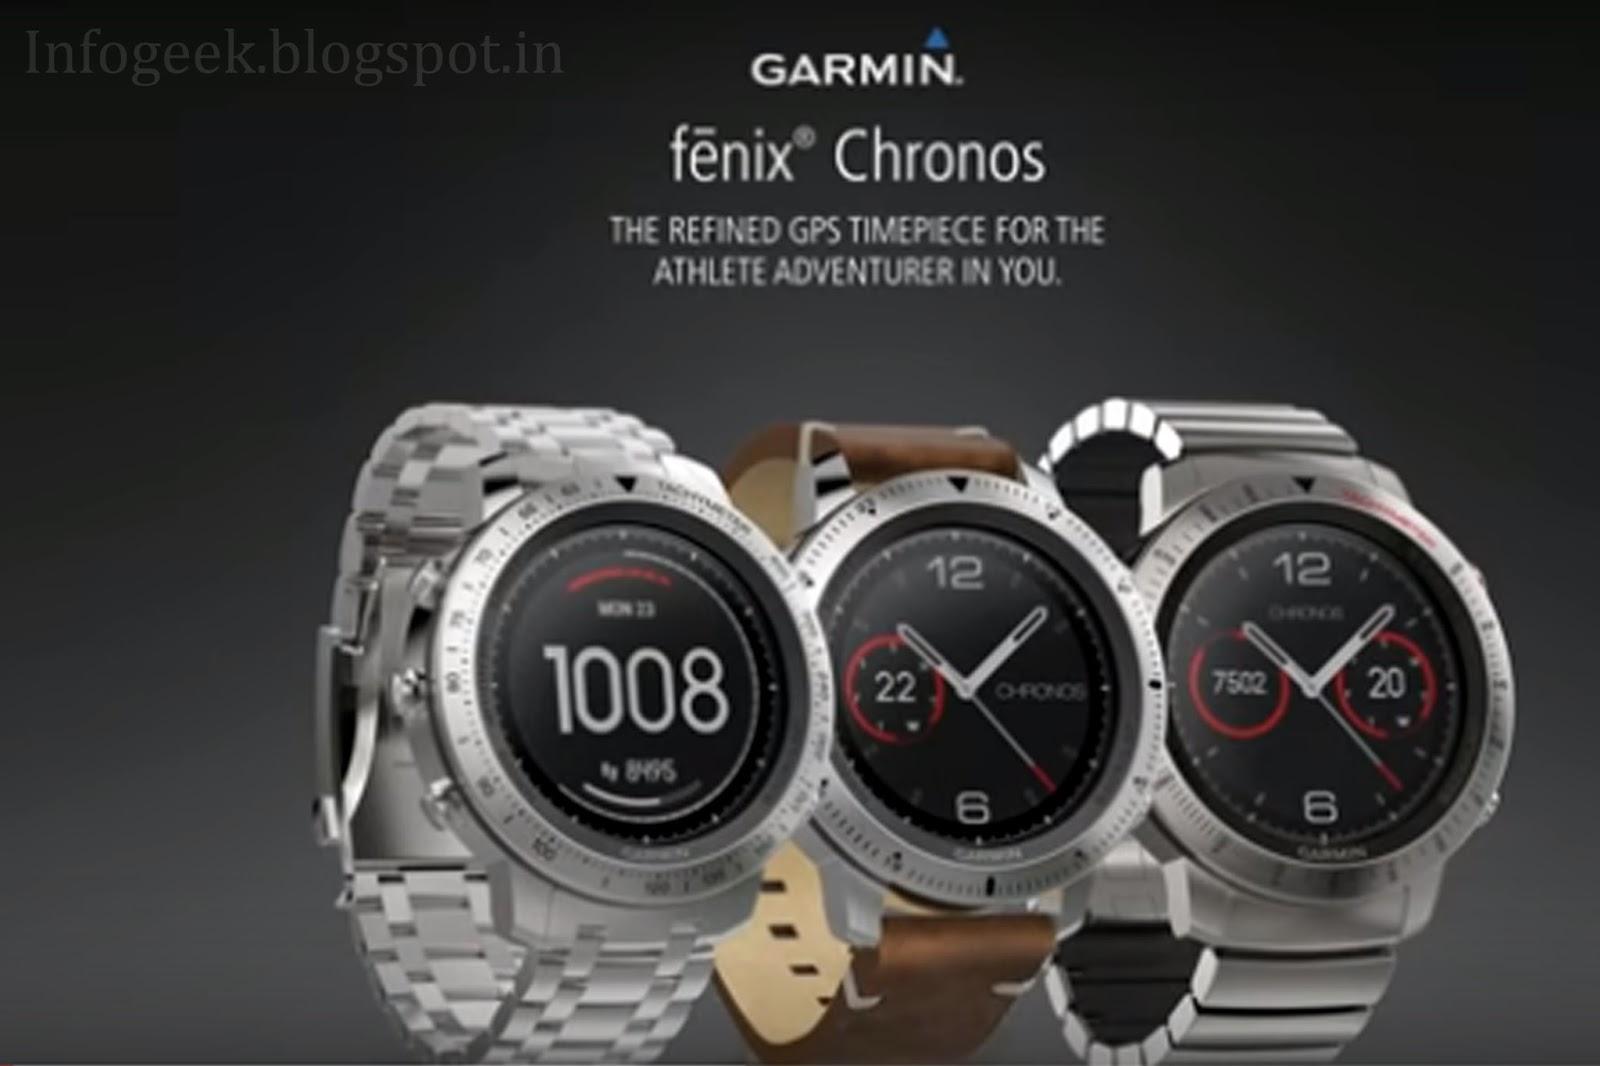 e3f323fa715 Garmin Fenix Chronos GPS sport watch for the executive adventurer